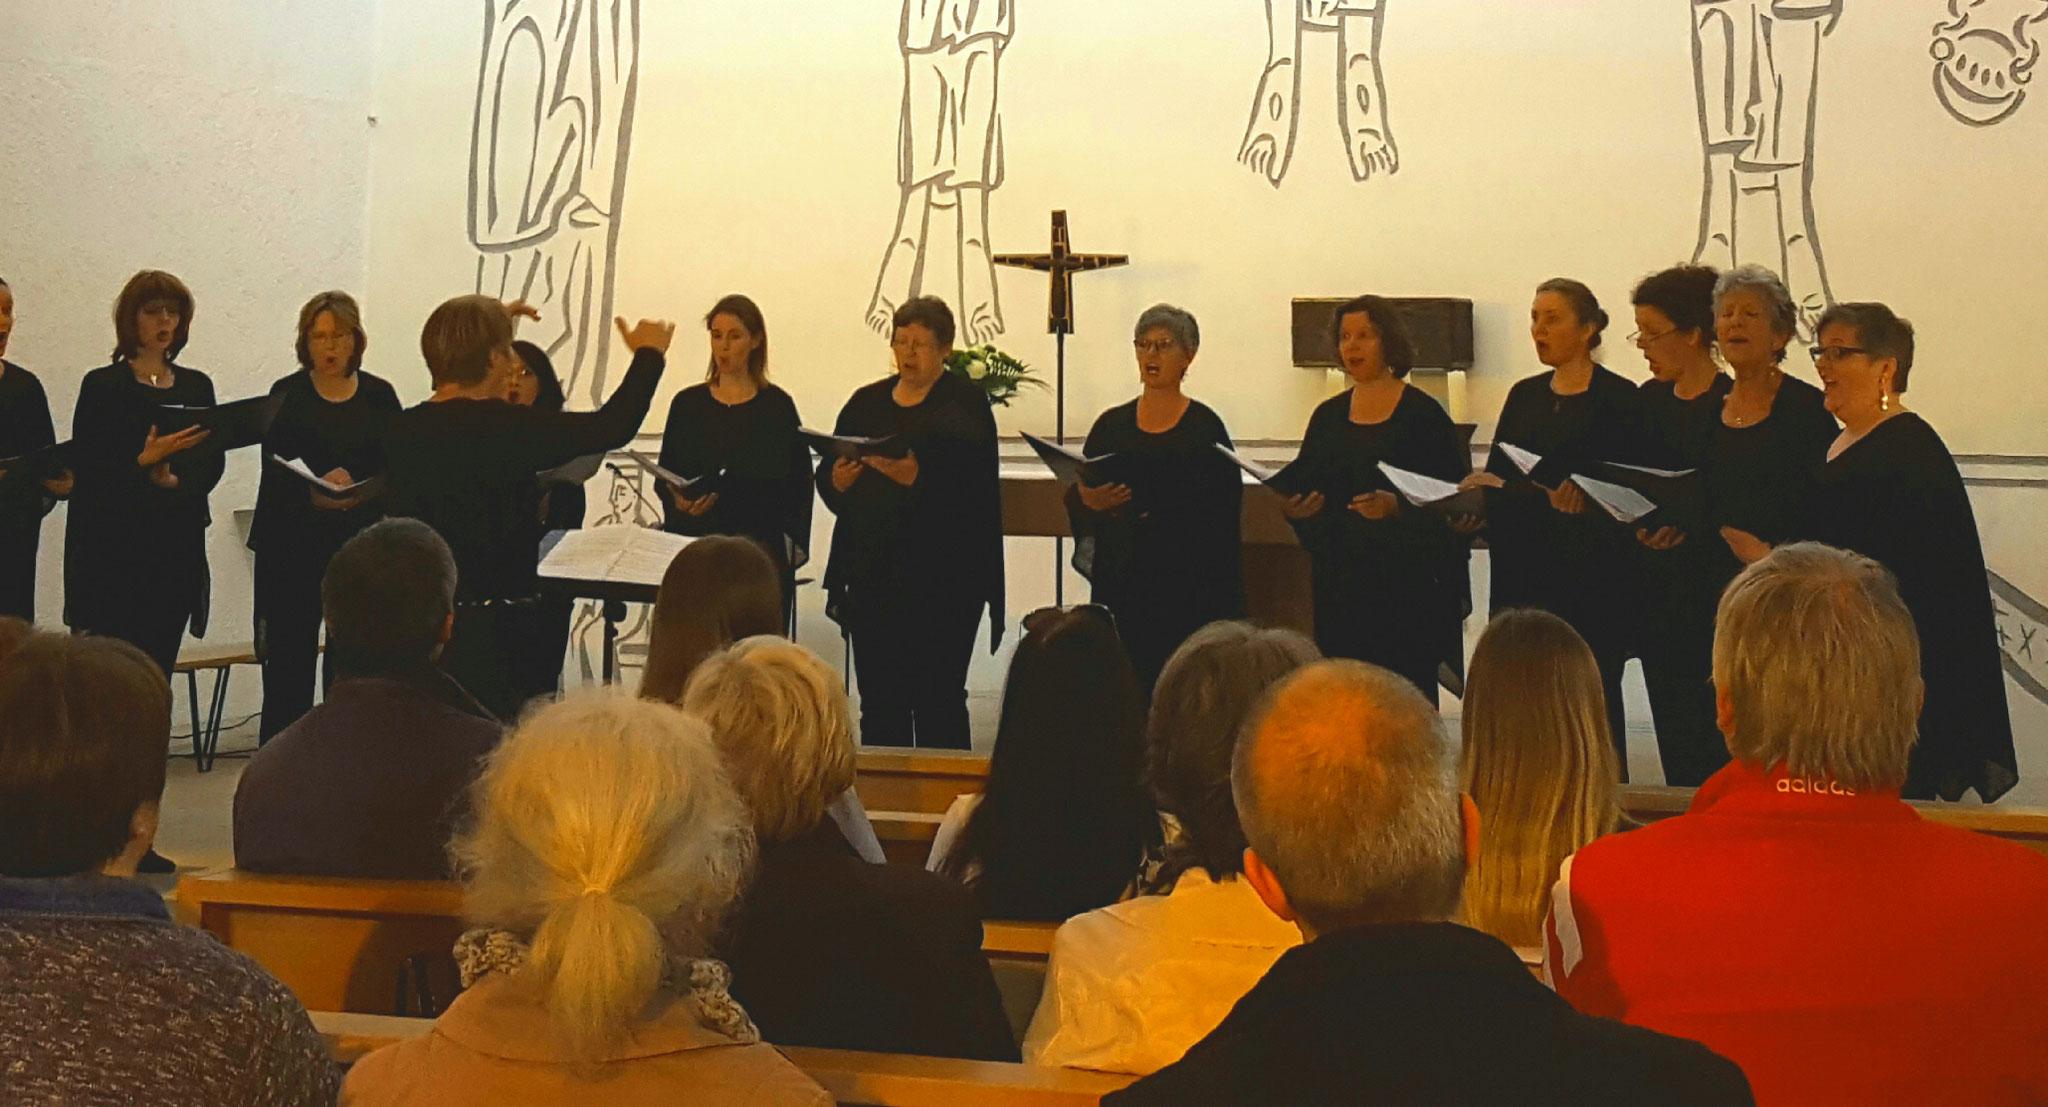 Geistliche Chormusik frz. Komponisten - Konzert 2019 - in Neckartailfingen